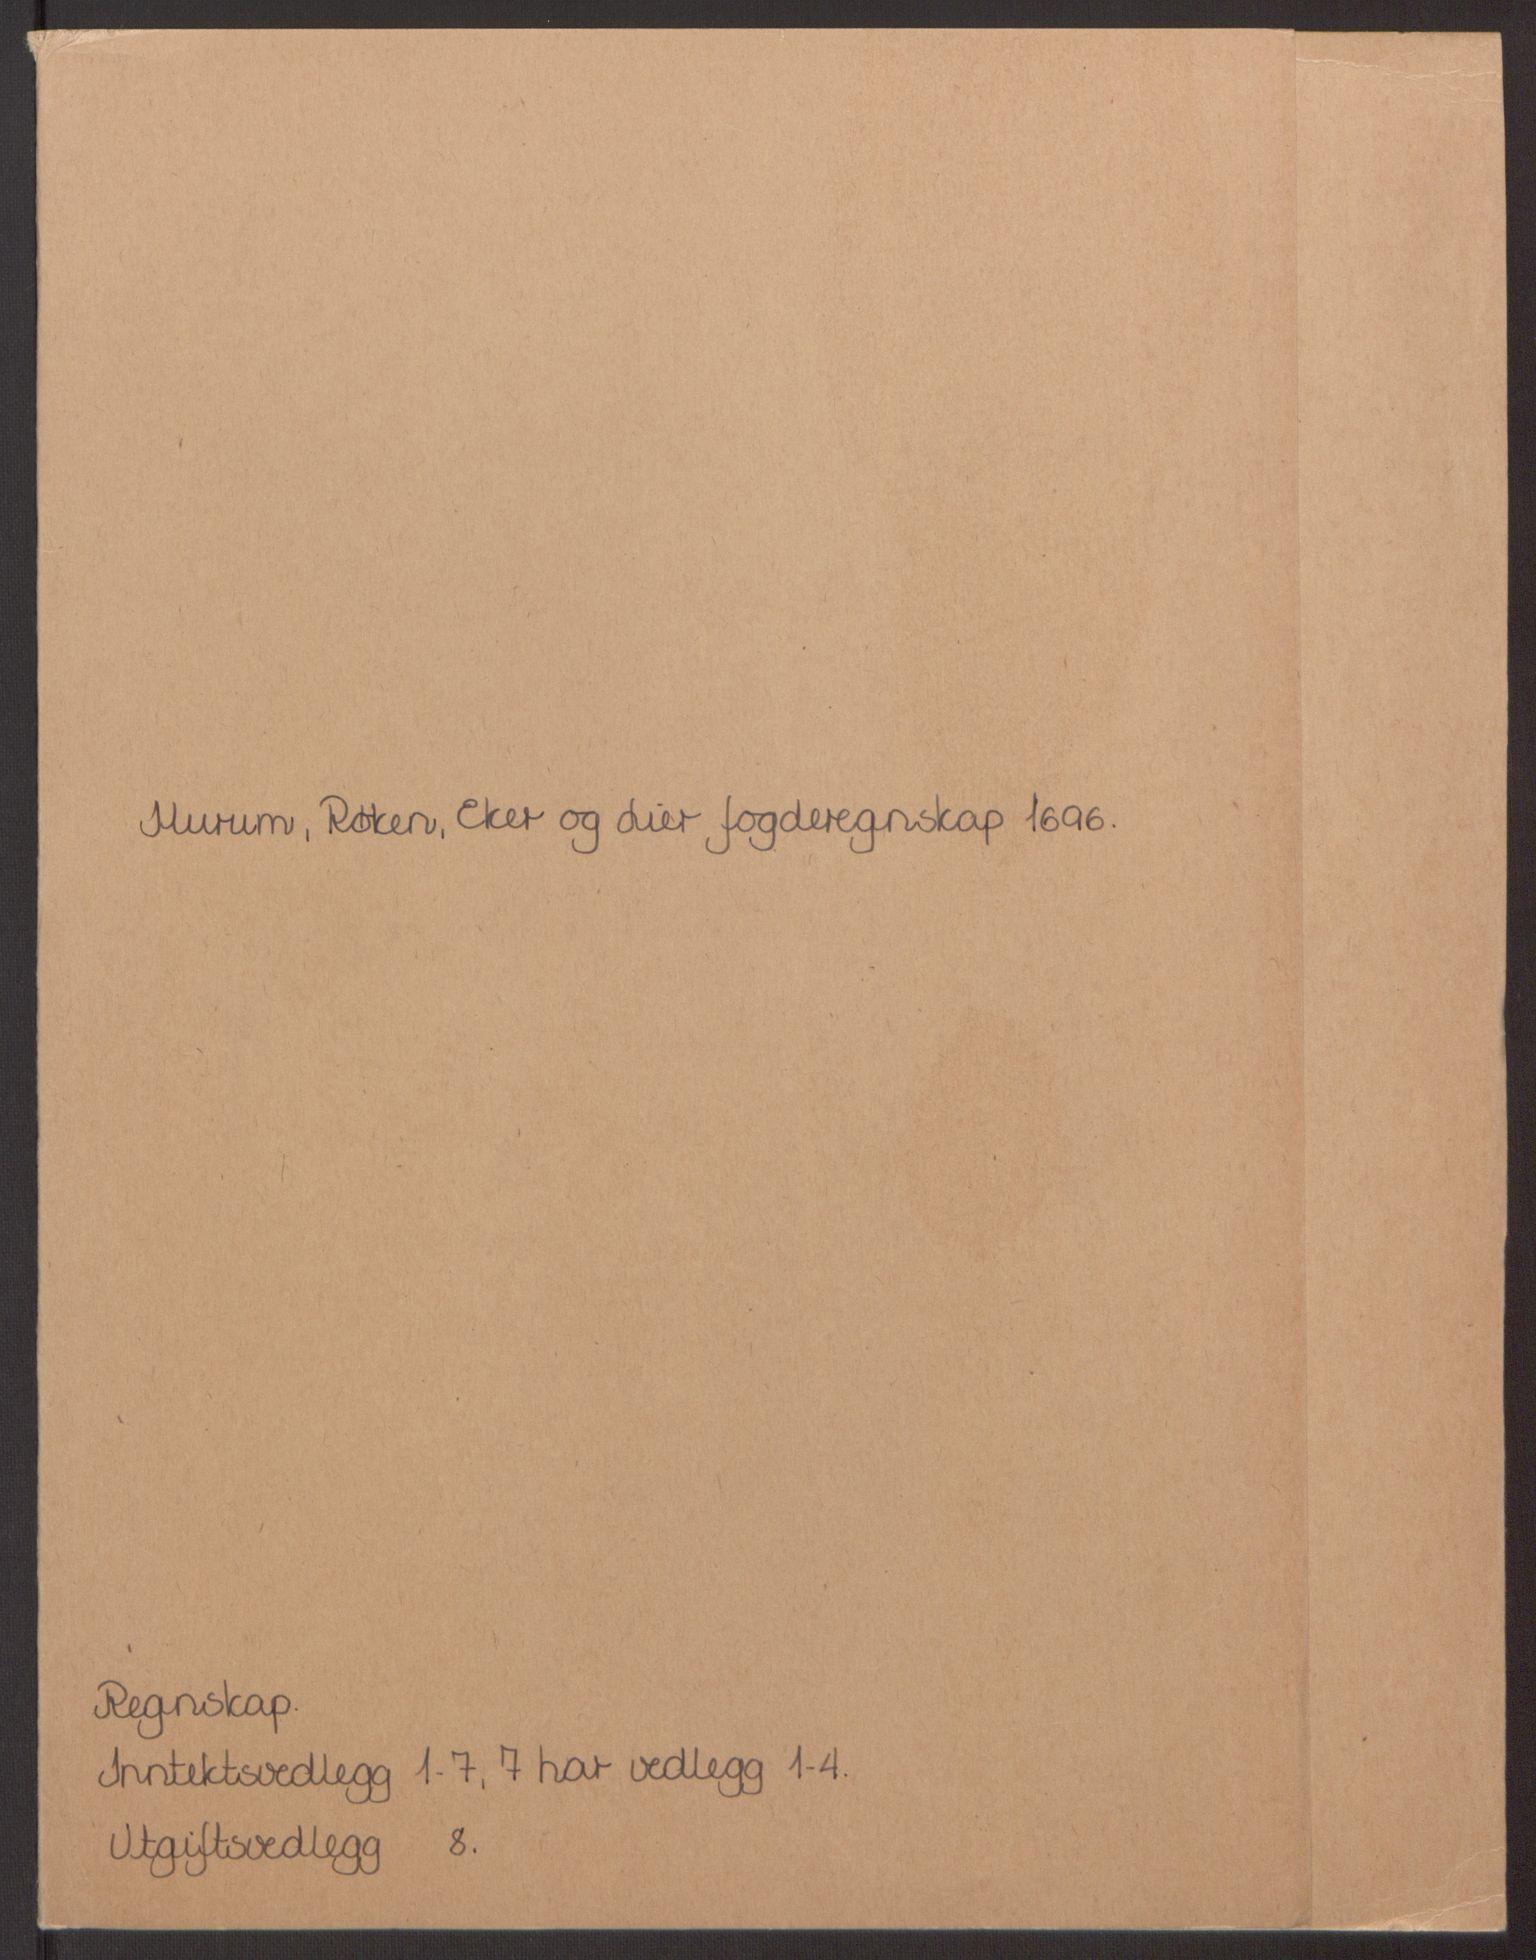 RA, Rentekammeret inntil 1814, Reviderte regnskaper, Fogderegnskap, R30/L1694: Fogderegnskap Hurum, Røyken, Eiker og Lier, 1694-1696, s. 305